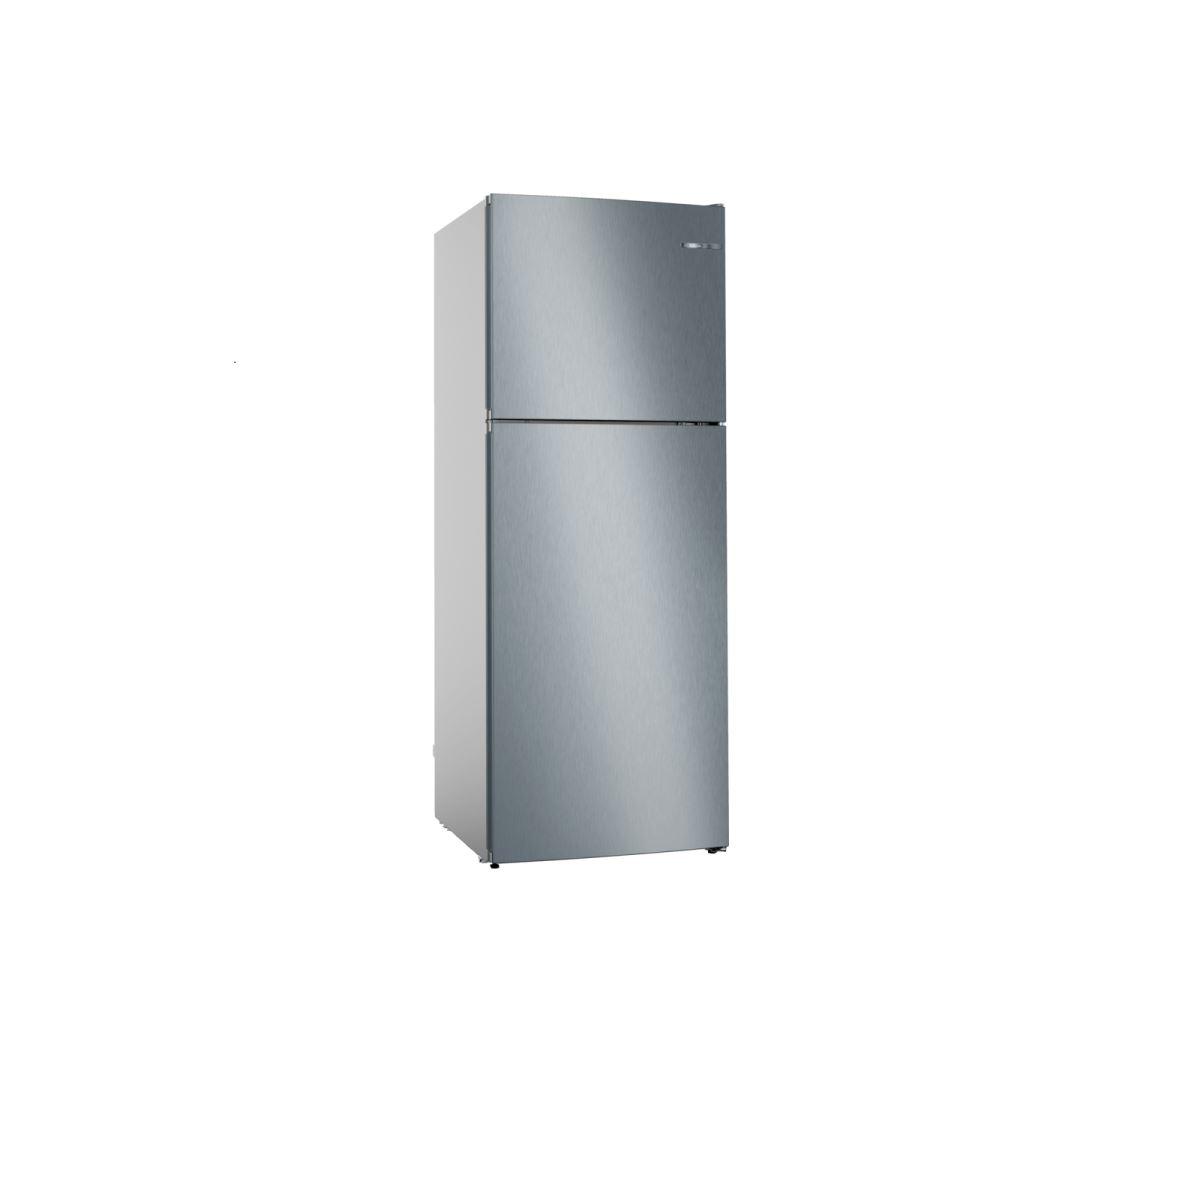 Tủ lạnh đơn Bosch KDN55NL20M